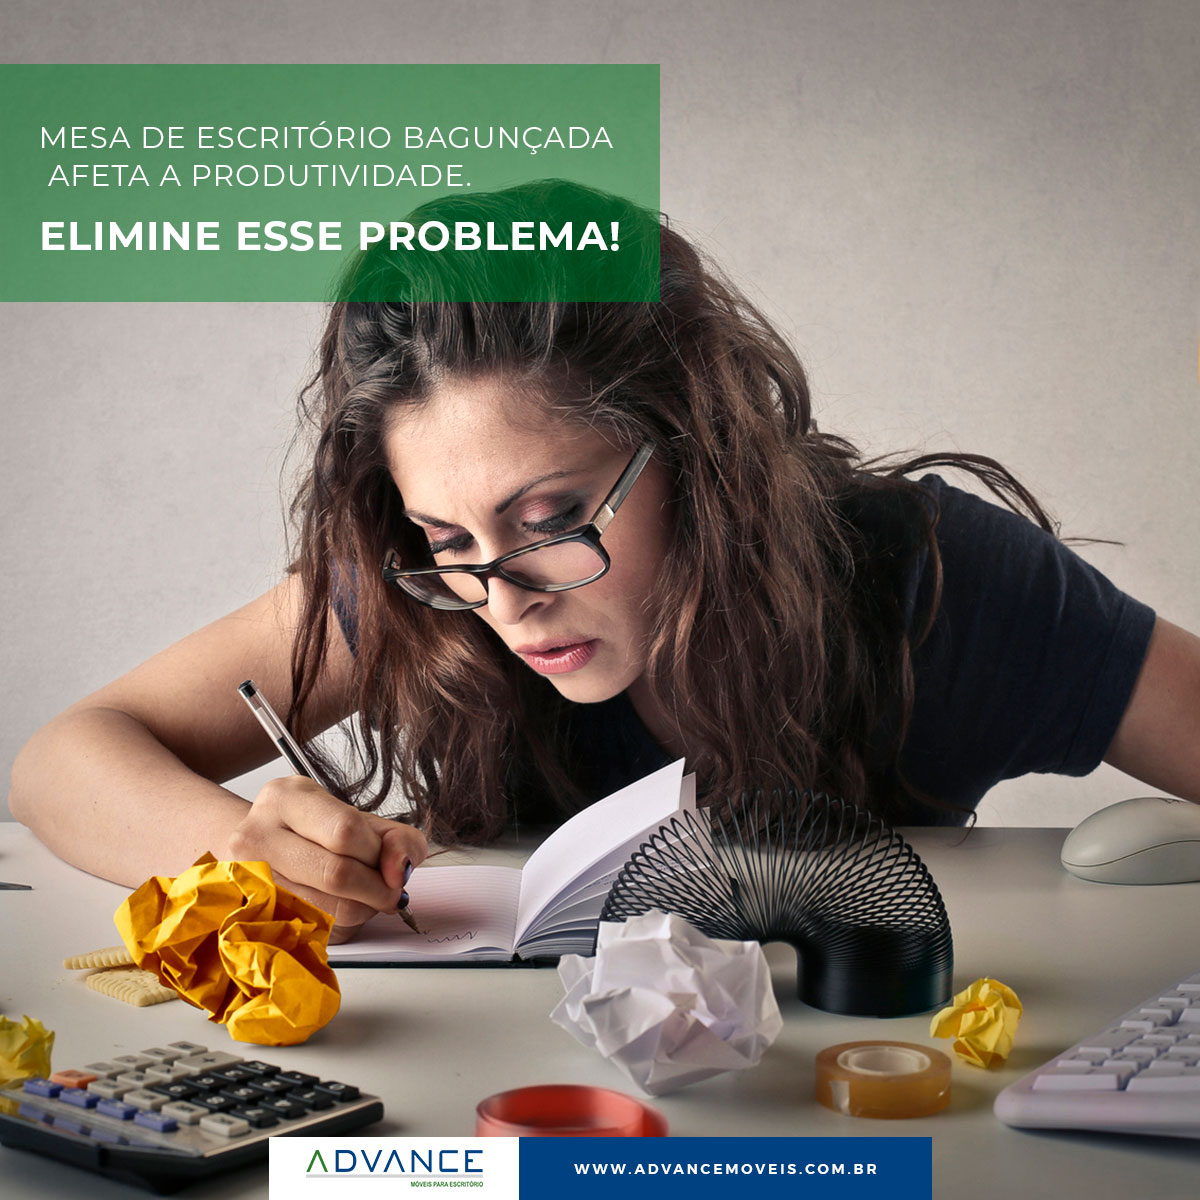 Mesa de escritório bagunçada afeta a produtividade. Elimine esse problema!